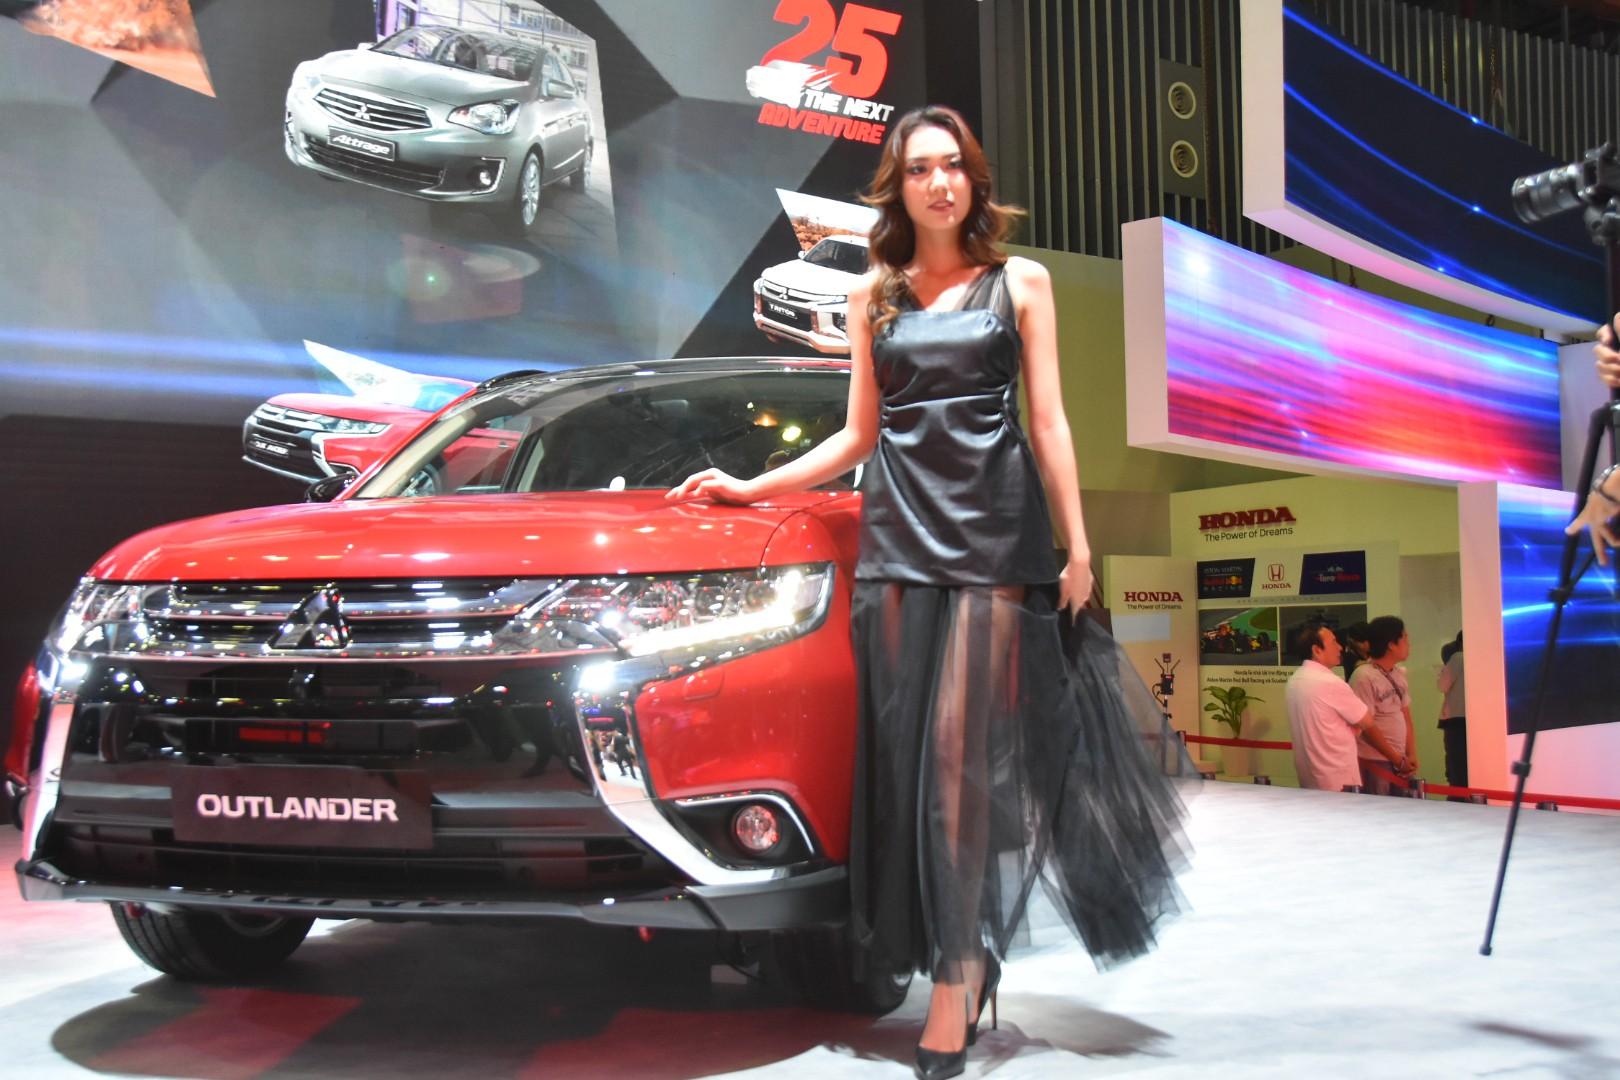 Gần 100 mẫu ôtô mới nhất trình diễn tại Vietnam Motor Show 2019 - Ảnh 16.